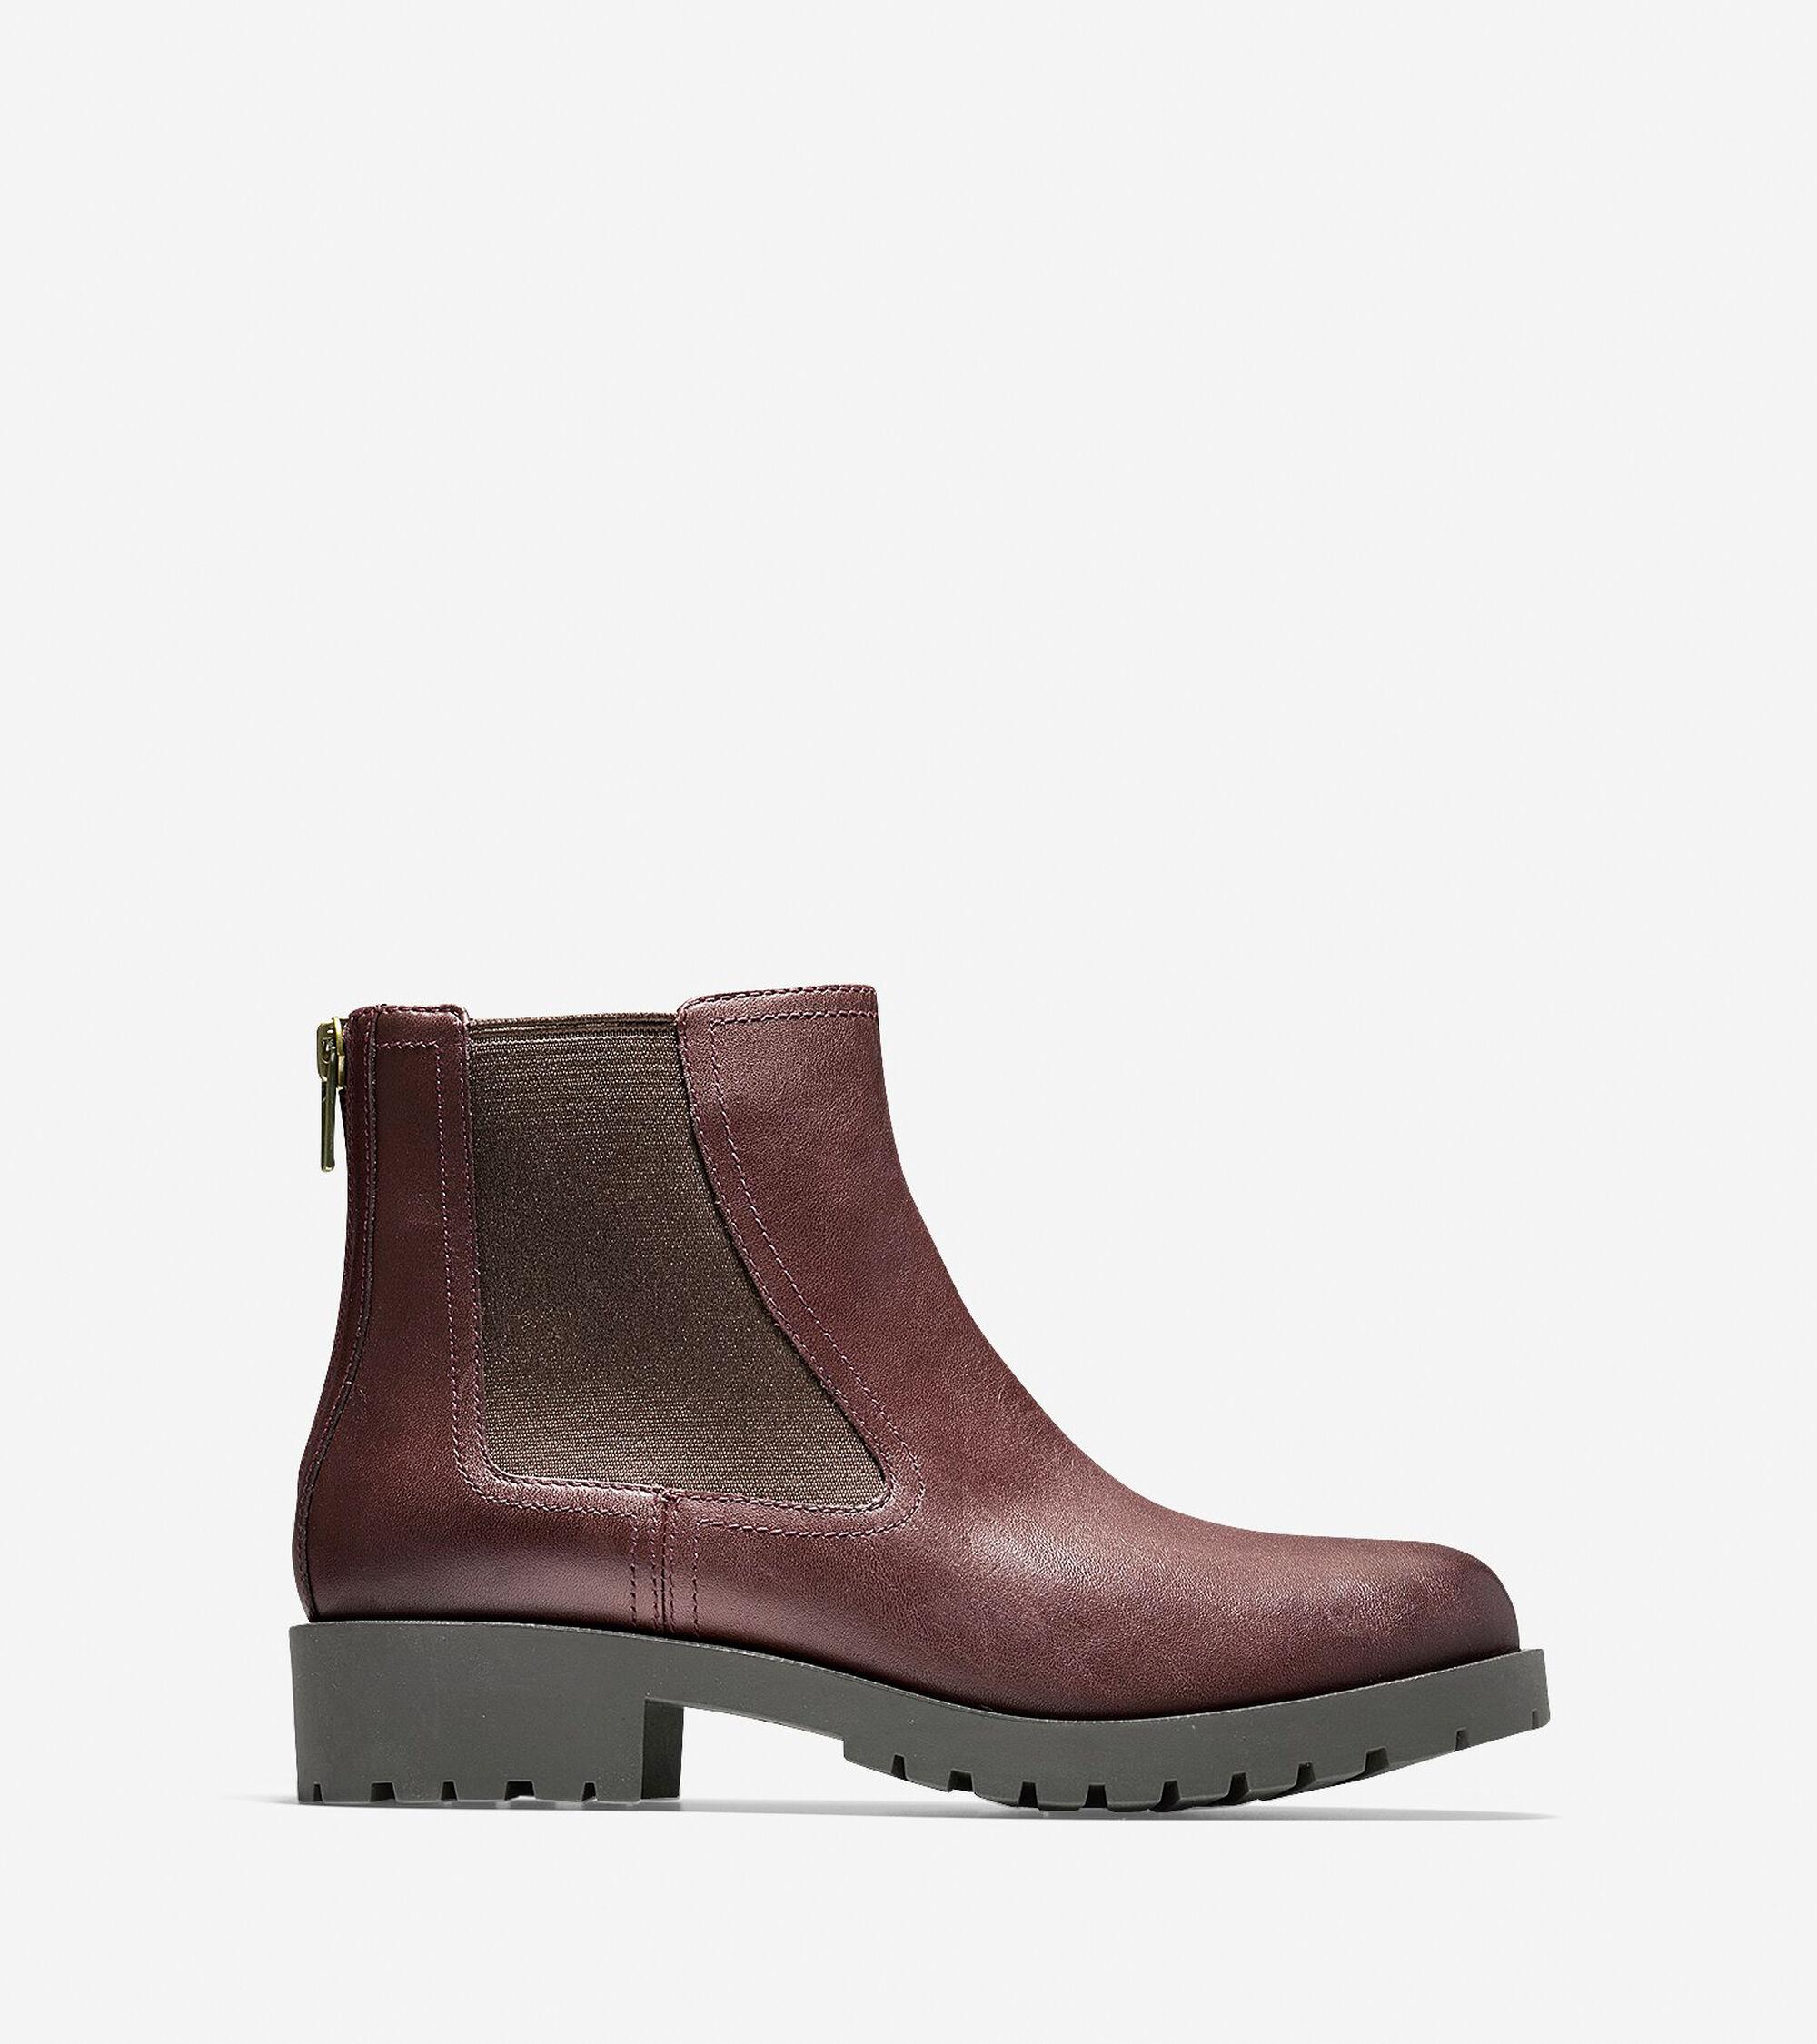 Cole Haan Stanton Waterproof Chelsea Boots